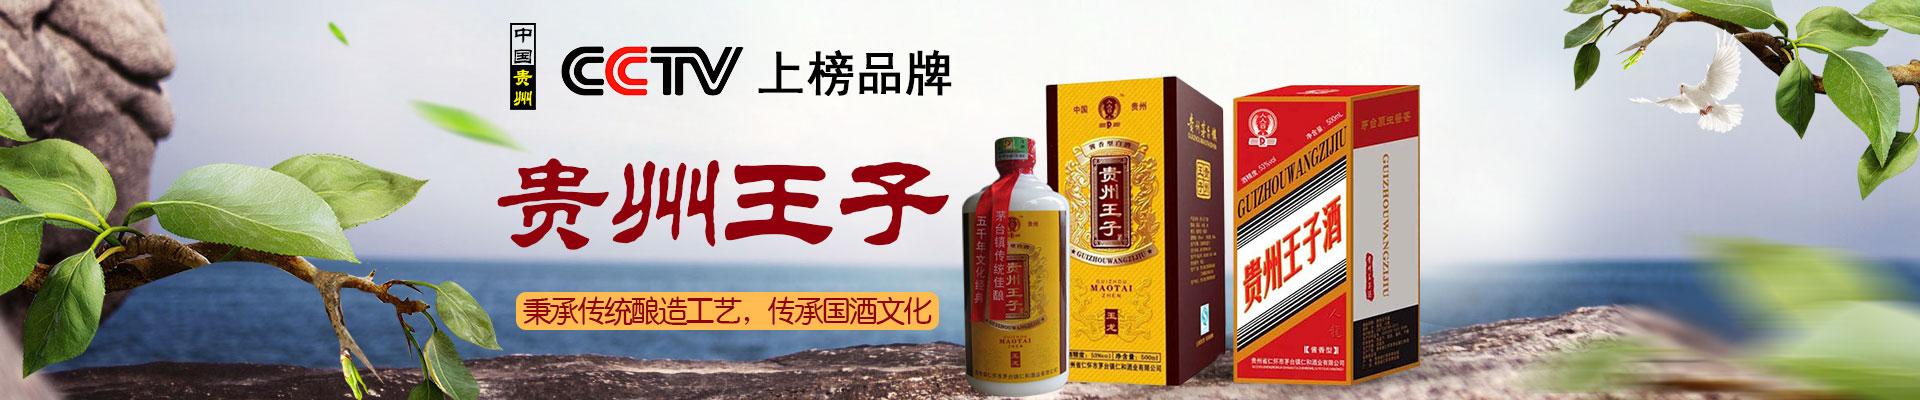 贵州省仁怀市尊贵酒业销售有限公司